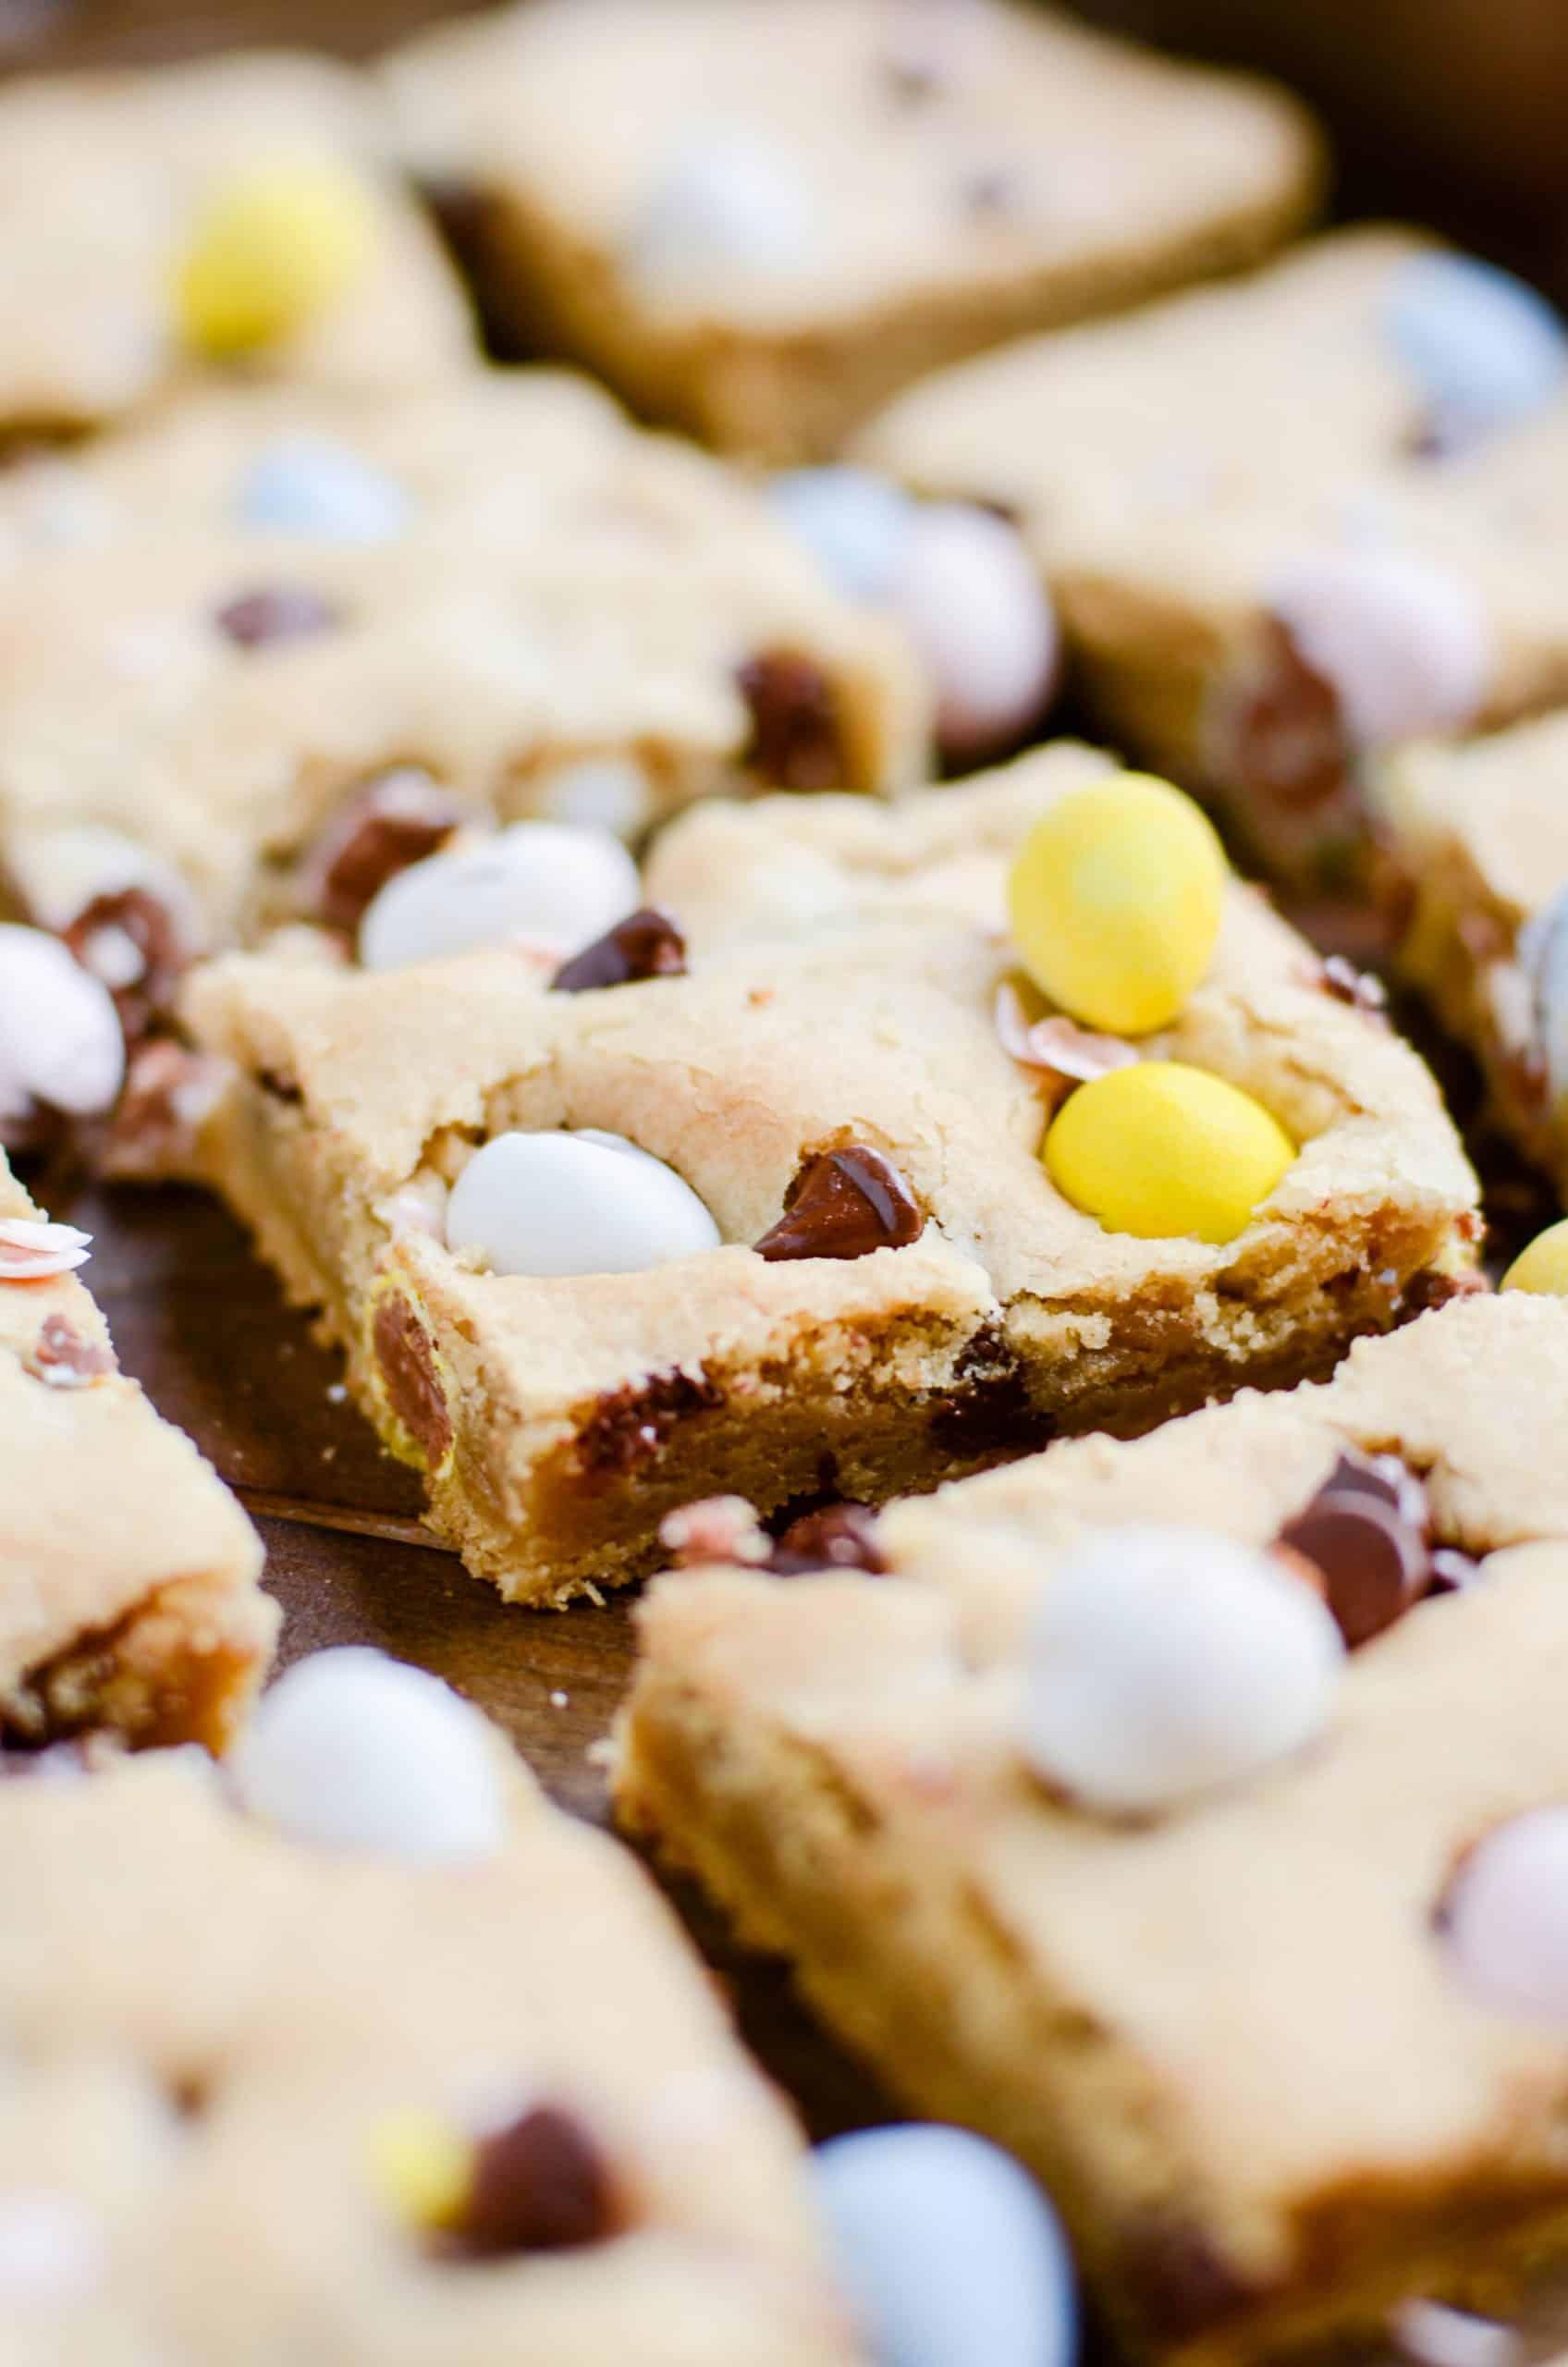 Miniature Cadbury Egg Cookie Bars